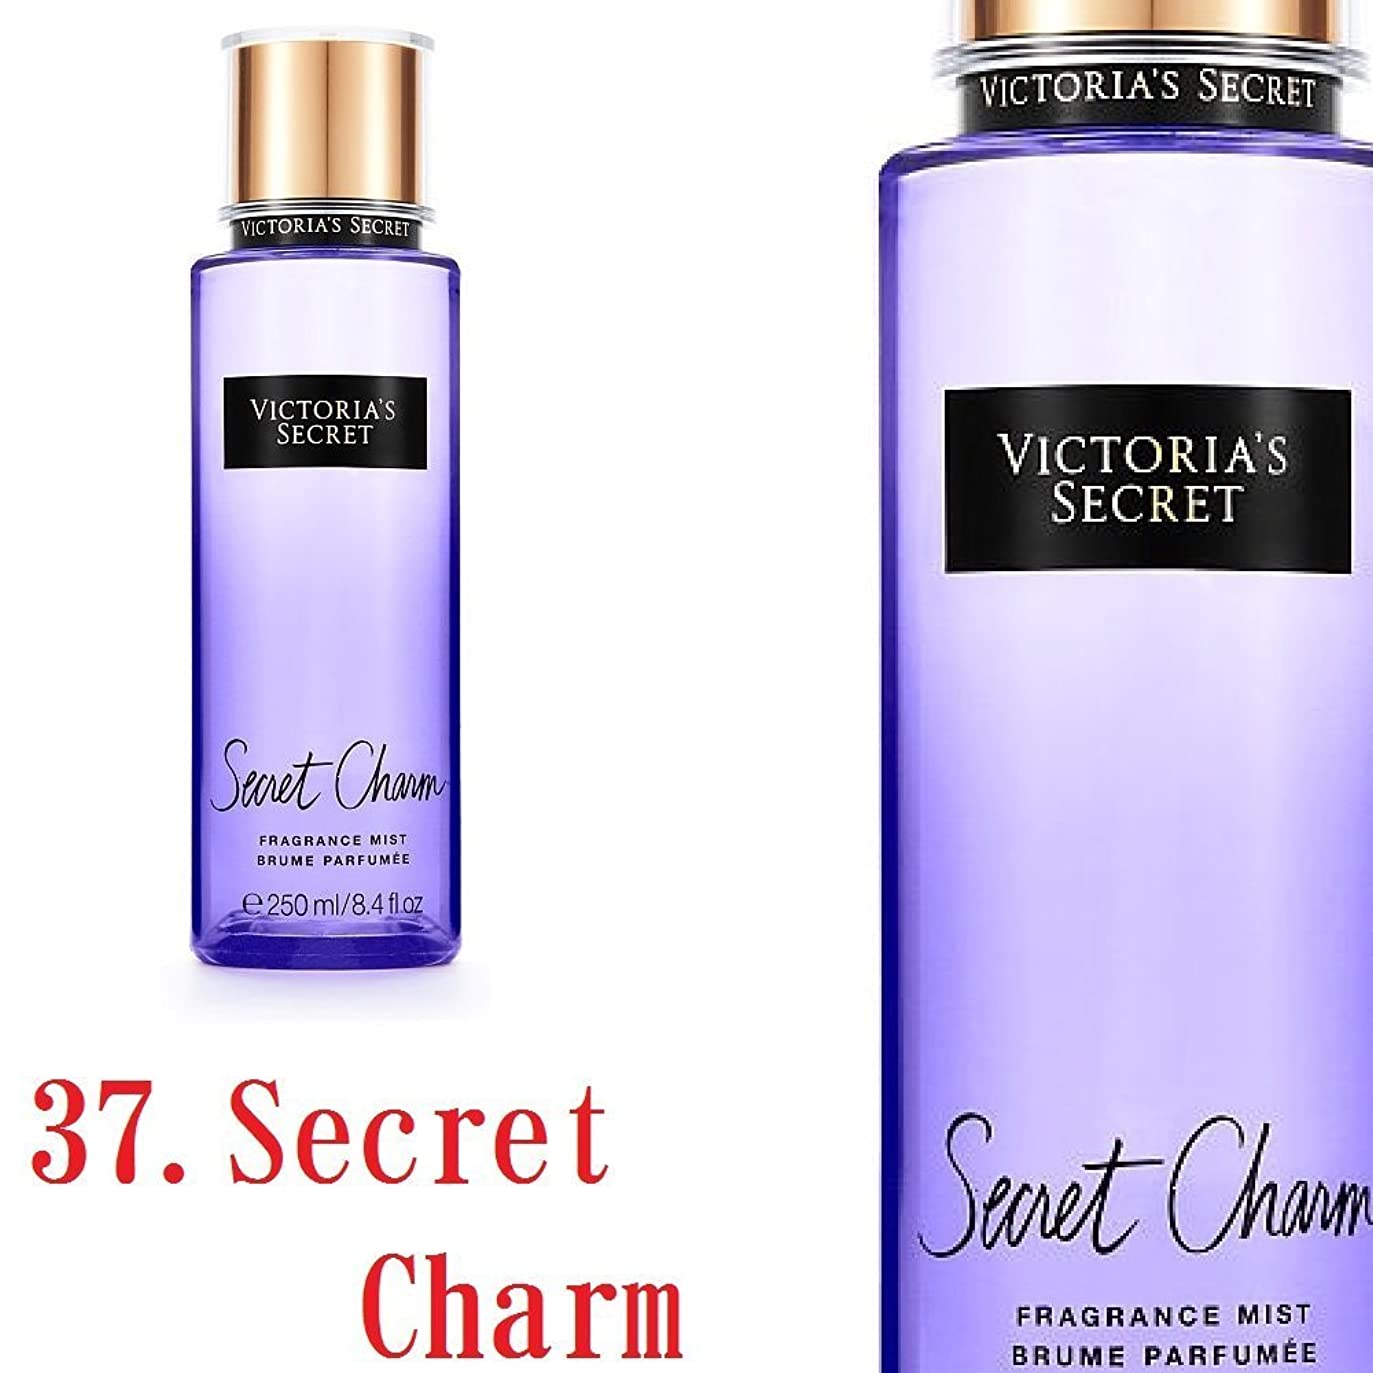 状厚いアテンダントVictoria's Secret Fantasies フレグランスミスト ヴィクトリアシークレット (37.シークレットチャーム) [並行輸入品]